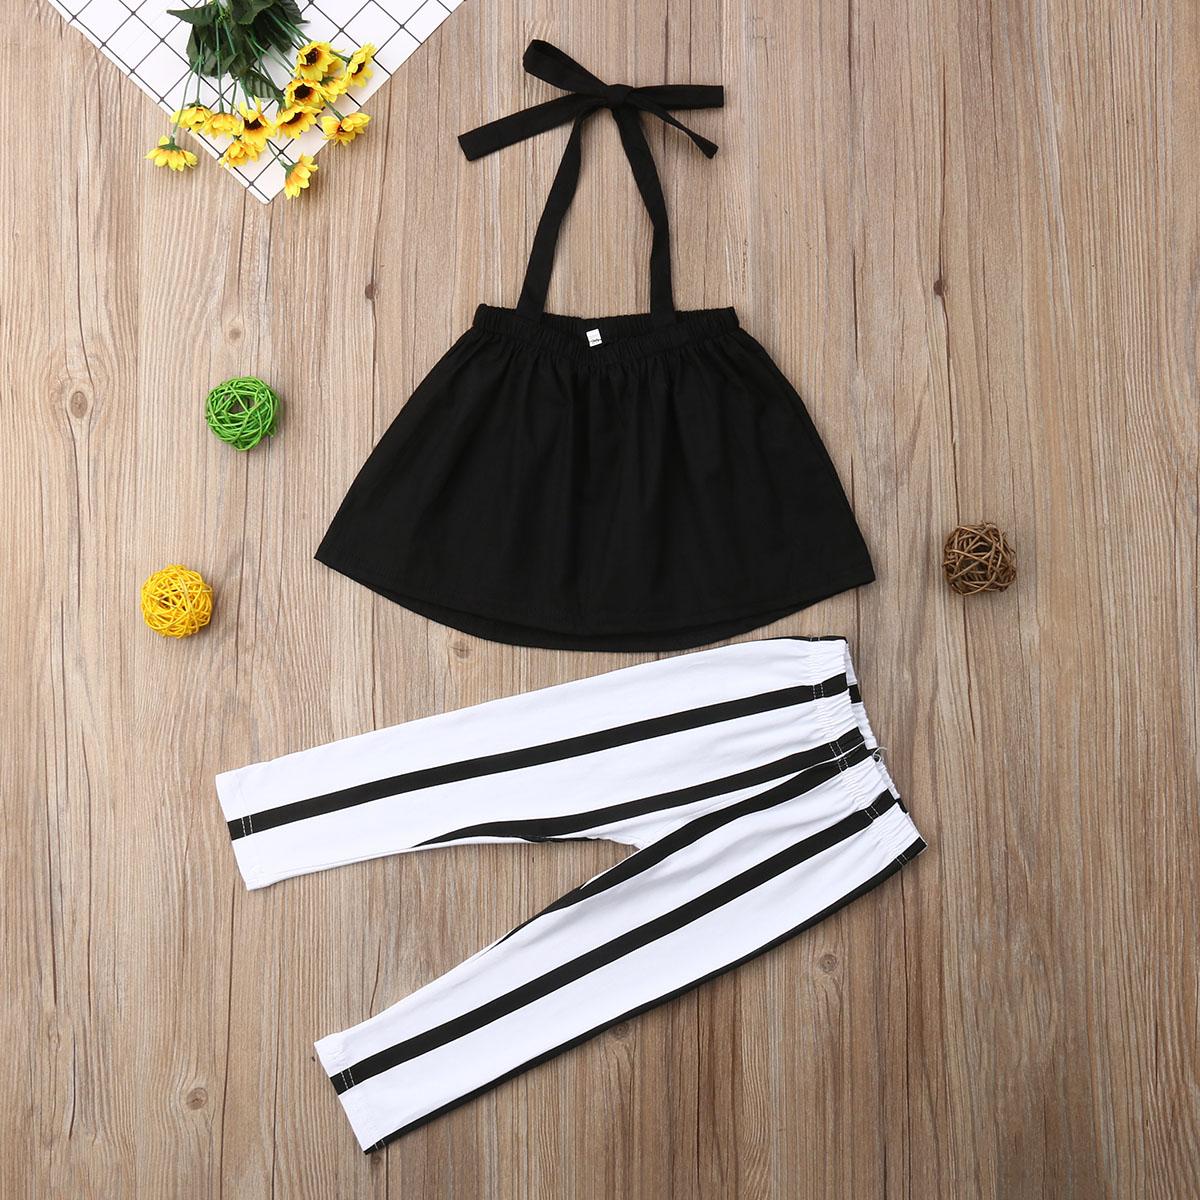 2019 Yaz Kızlar Giyim Setleri Çocuk giyim Moda Kız Gömlek Siyah Üst + Çizgili Pantolon Takım Elbise 2019 Çocuk Giyim 2 adet